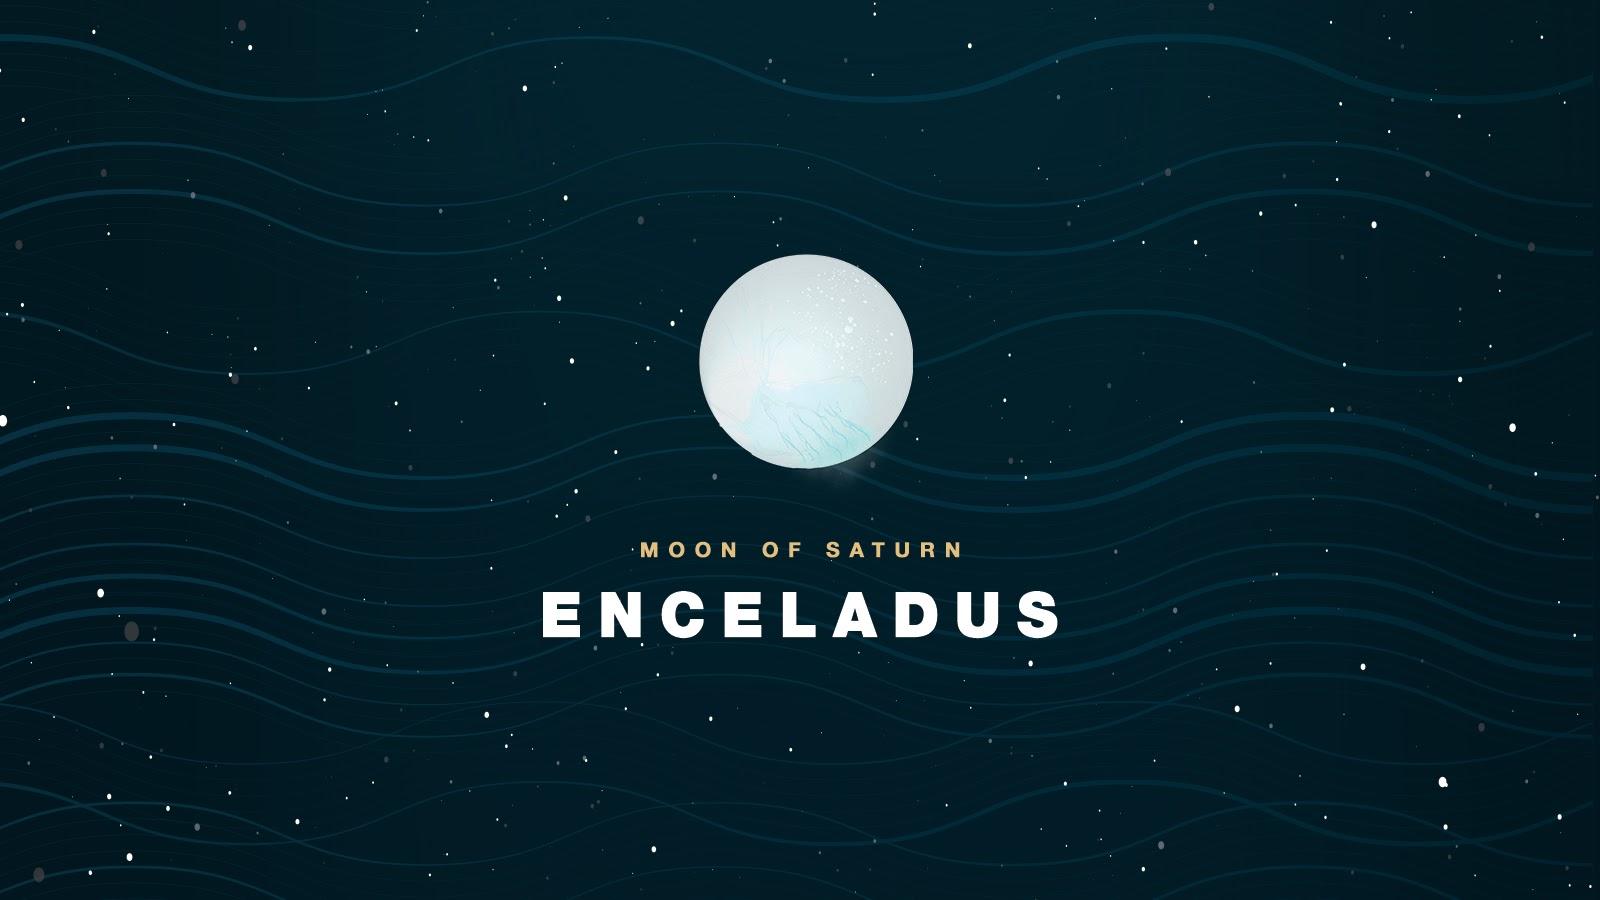 エンケラドス